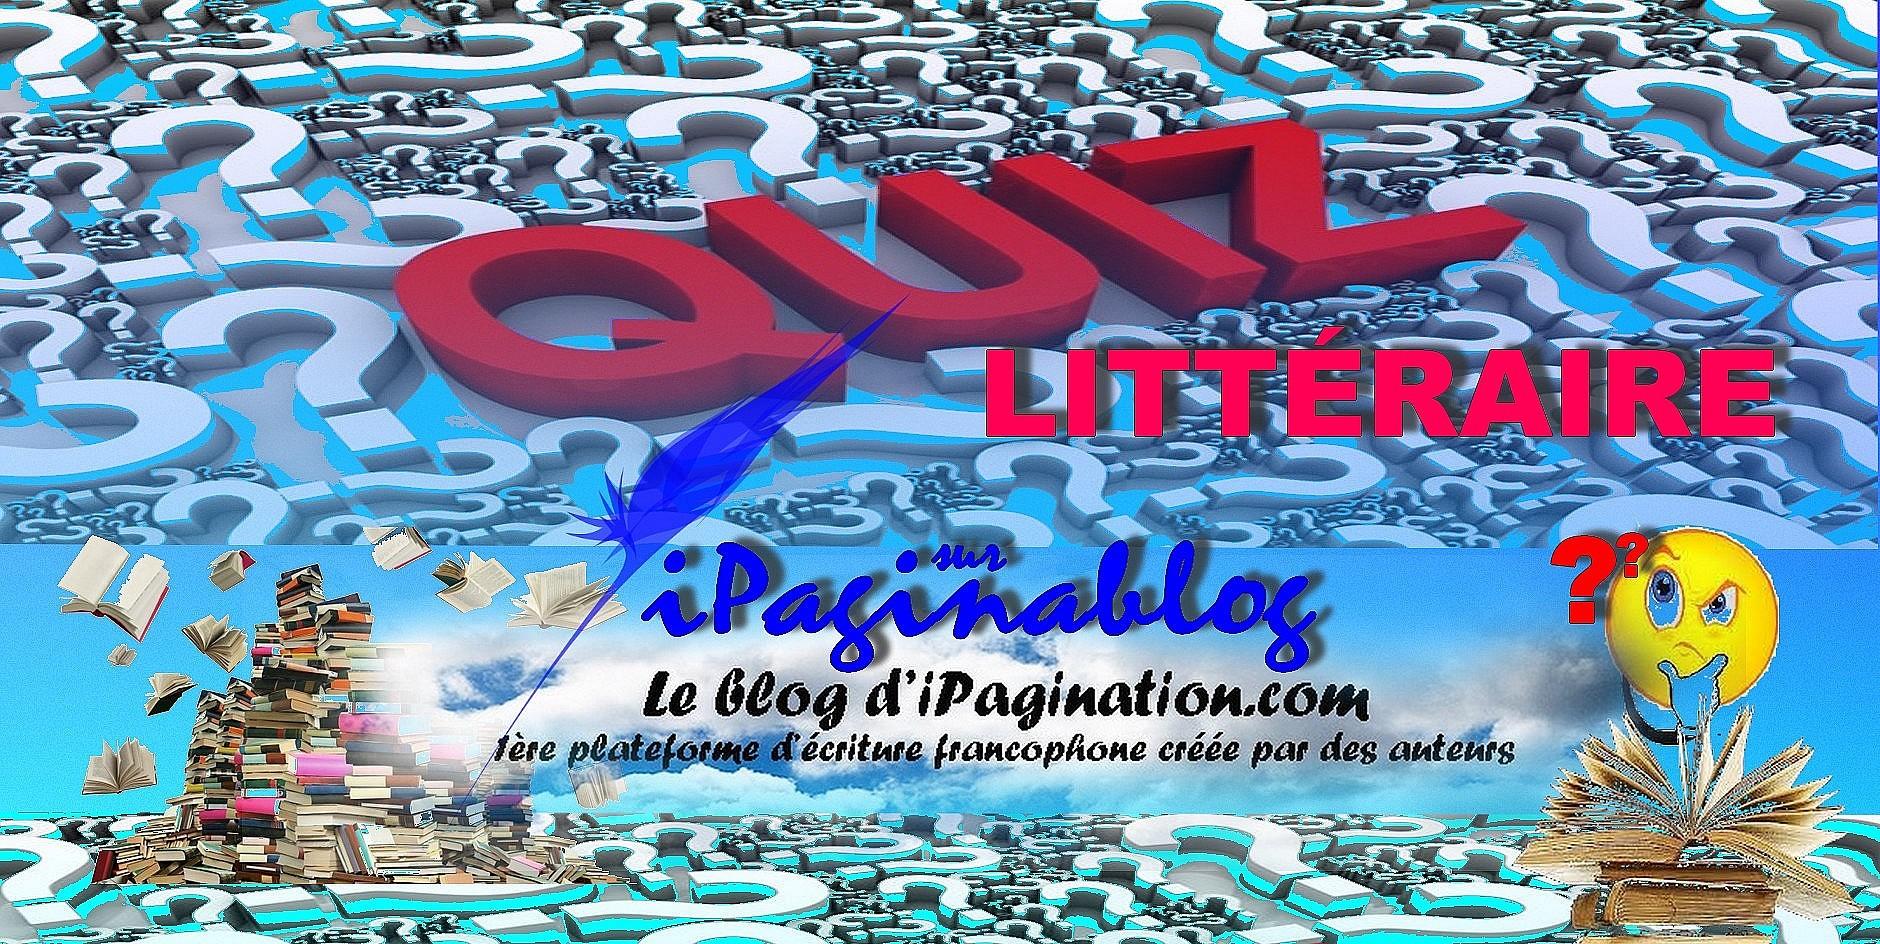 juillet 2014 - iPaginablog